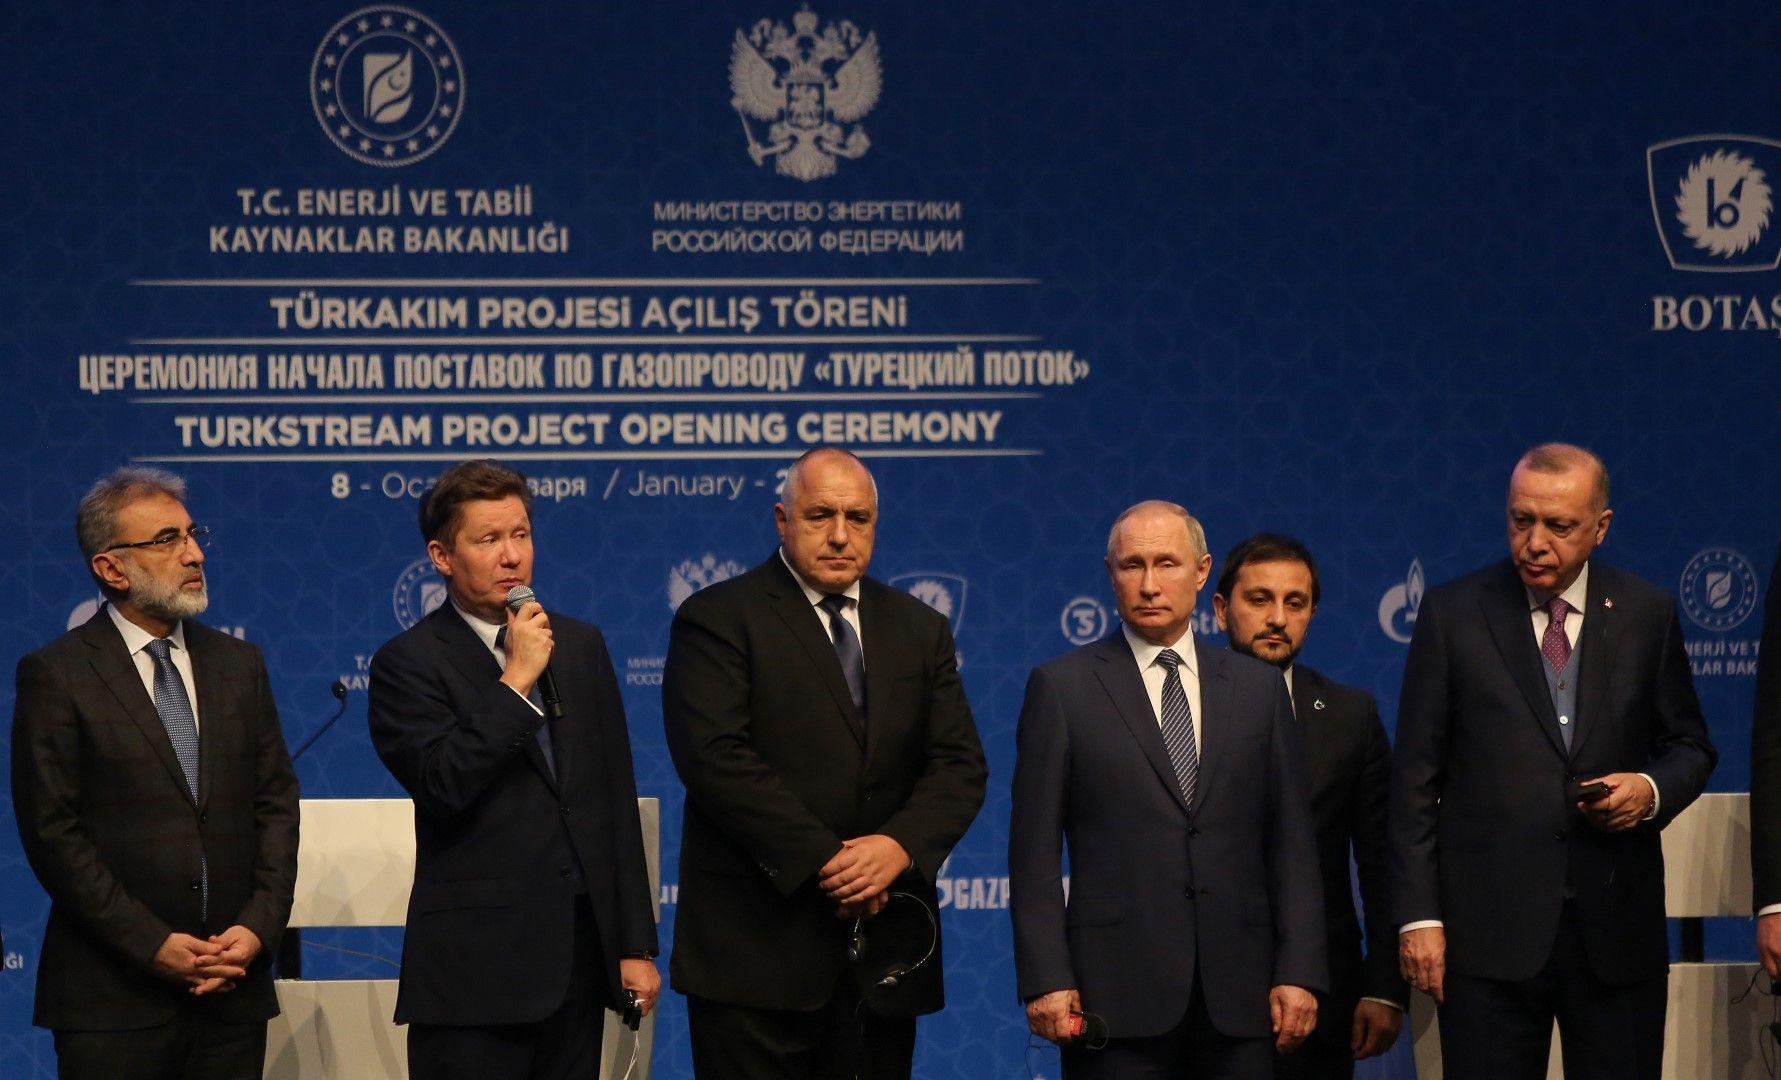 """Президентът на """"Газпром"""" Алексей Милер говори на откриването на """"Турски поток"""" в Истанбул. На церемонията присъстваха премиерът Бойко Борисов и президентите на Турция Реджеп Тайип Ердоган, Русия Владимир Путин и Сърбия Александър Вучич"""